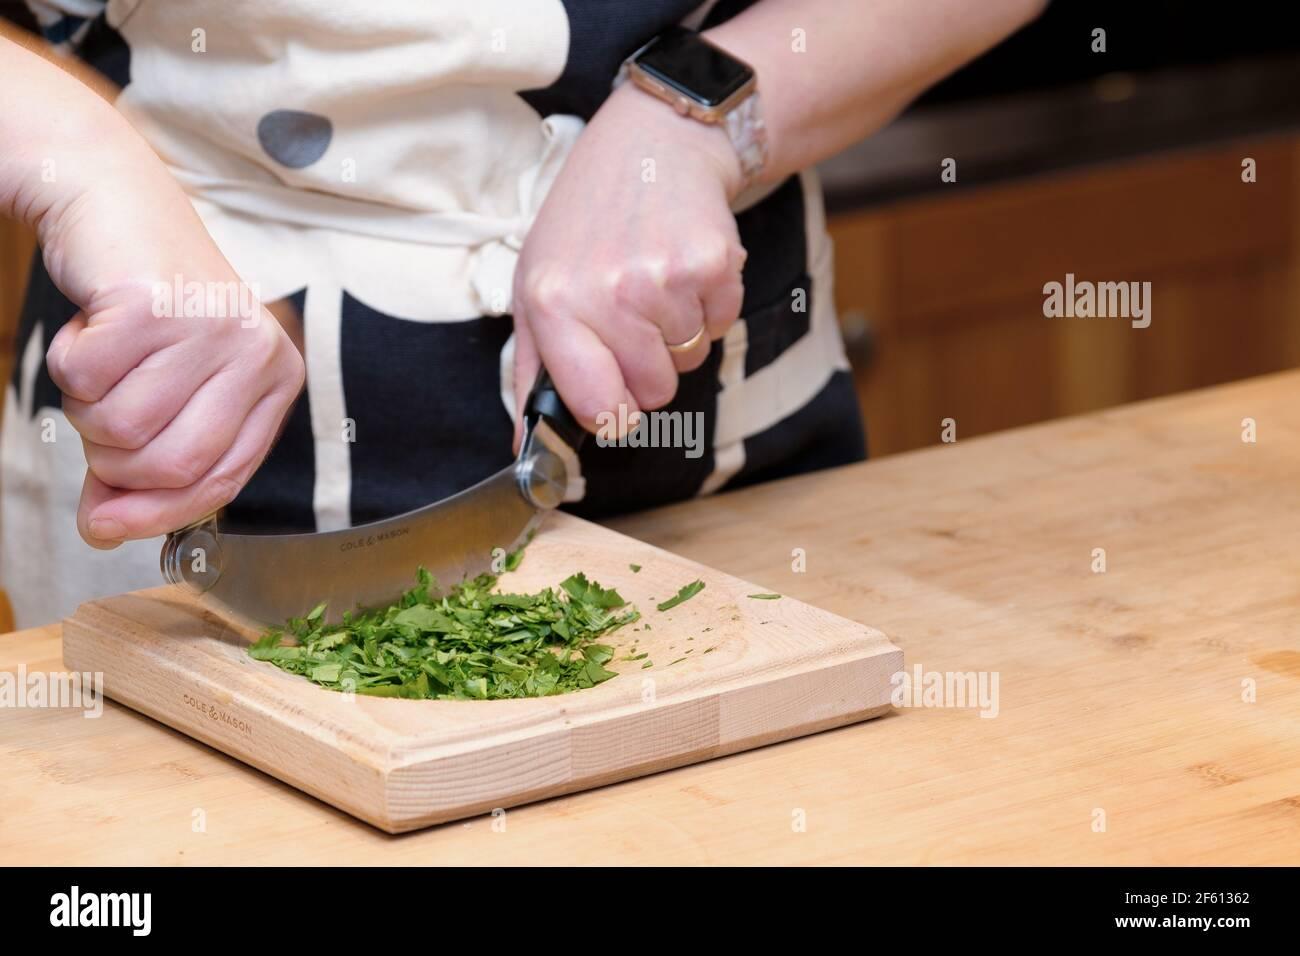 Un cocinero pica hierba fresca, cilantro, Coriandrum sativum, en una cocina doméstica utilizando un coro de Hachoir o ha cortador y tabla de cortar Foto de stock